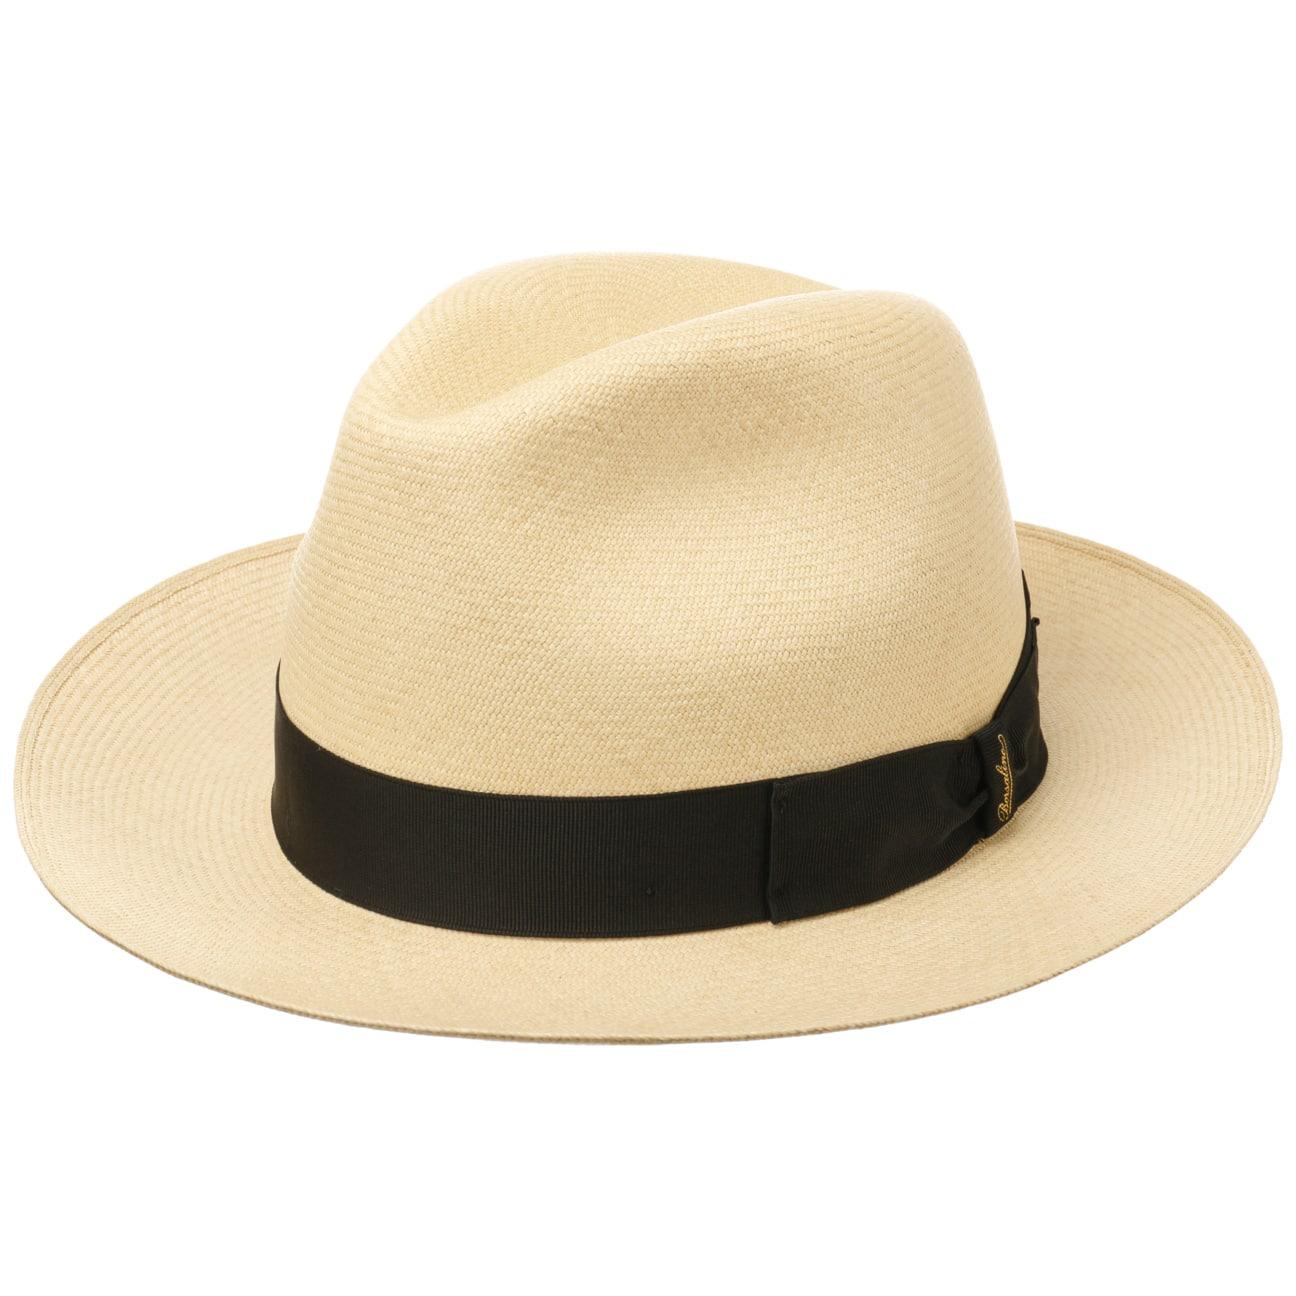 Borsalino Cappello Panama Bogart Premium  538fcf70f5e1